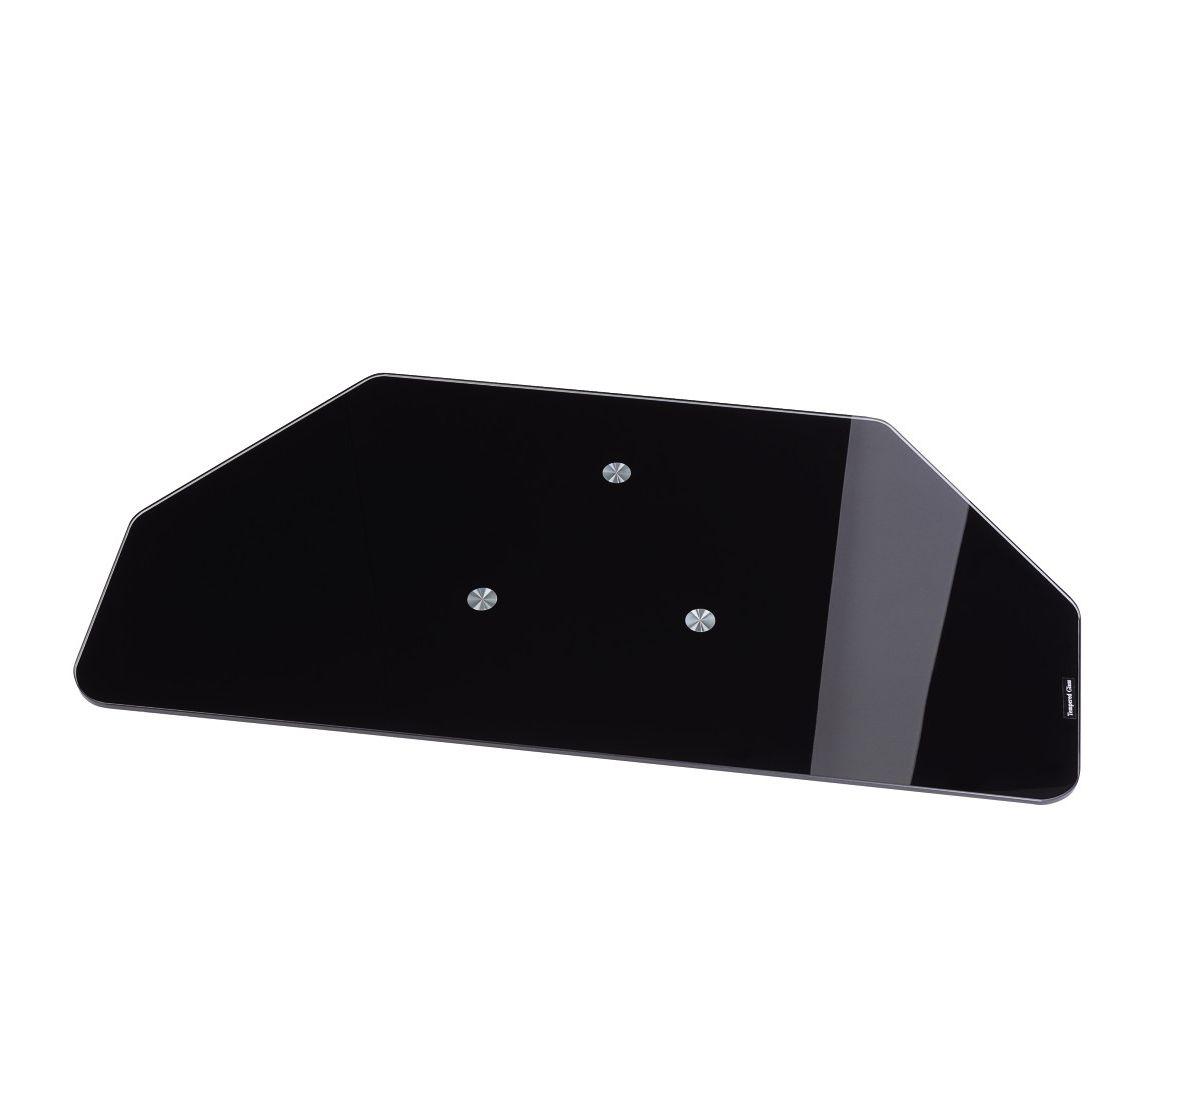 Hama TV-Drehteller, Glas, schwarz, Breite 60 cm